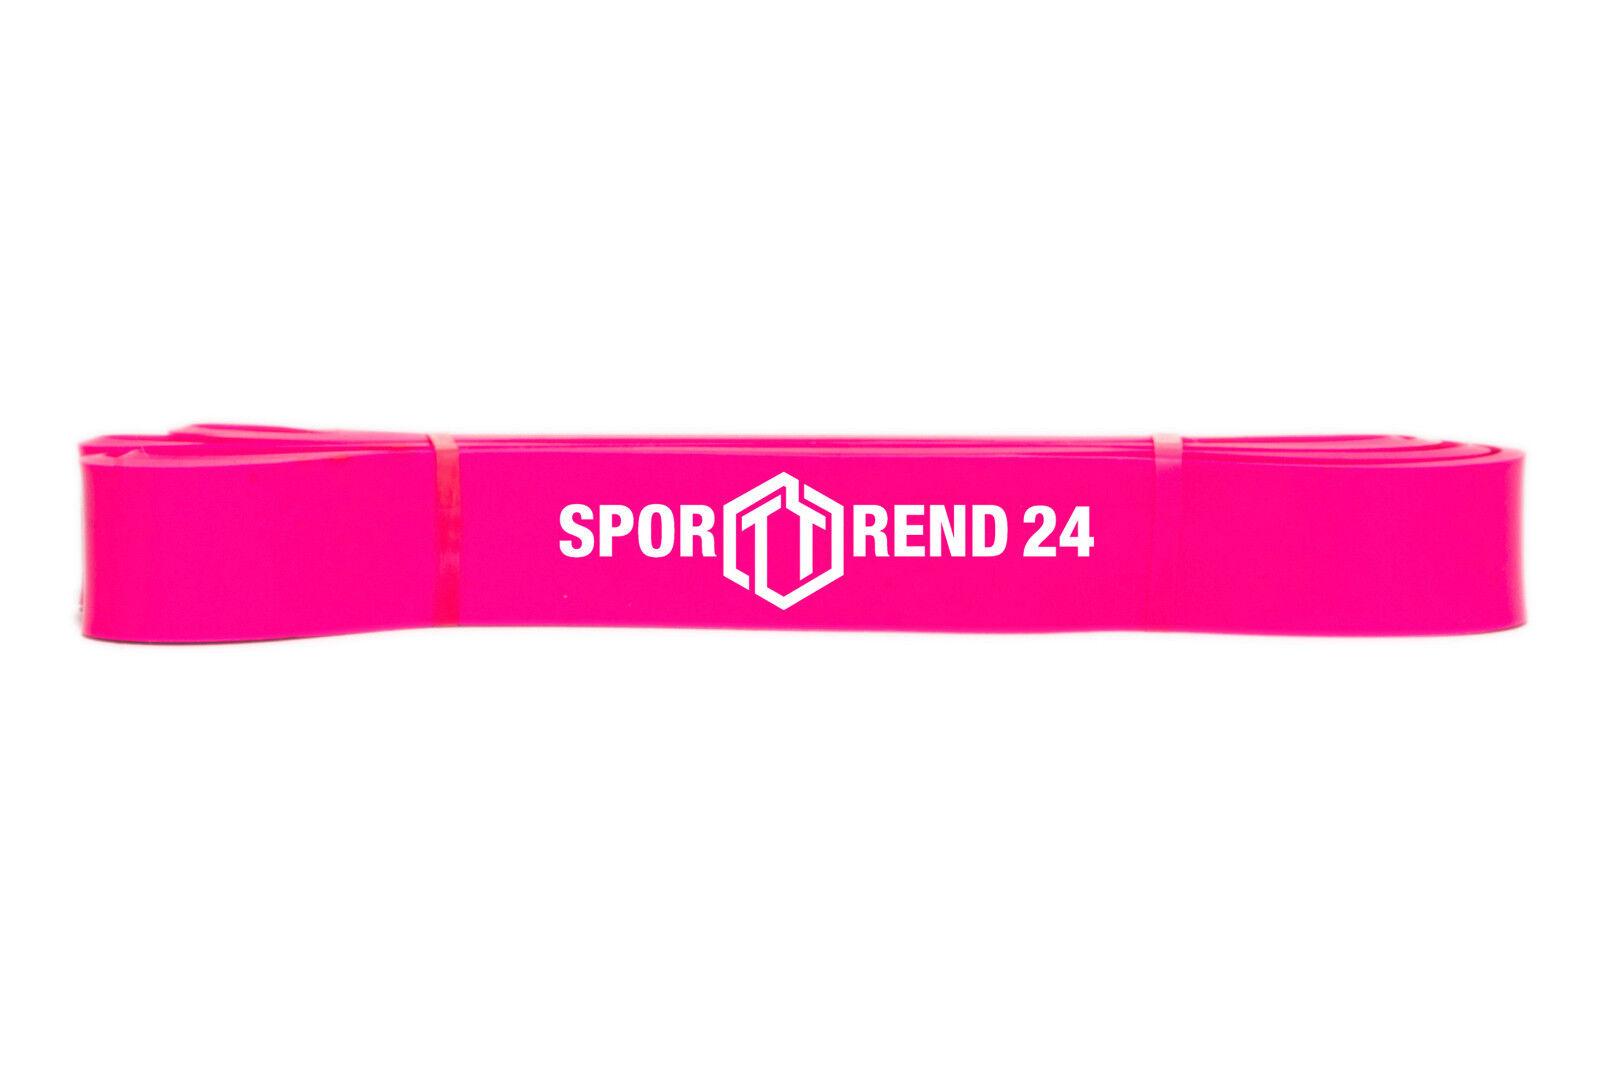 Fitnessband Bänder Fitnessbänder Resistance Band Klimmzugband Widerstandsband Bänder Fitnessband 9ddda4